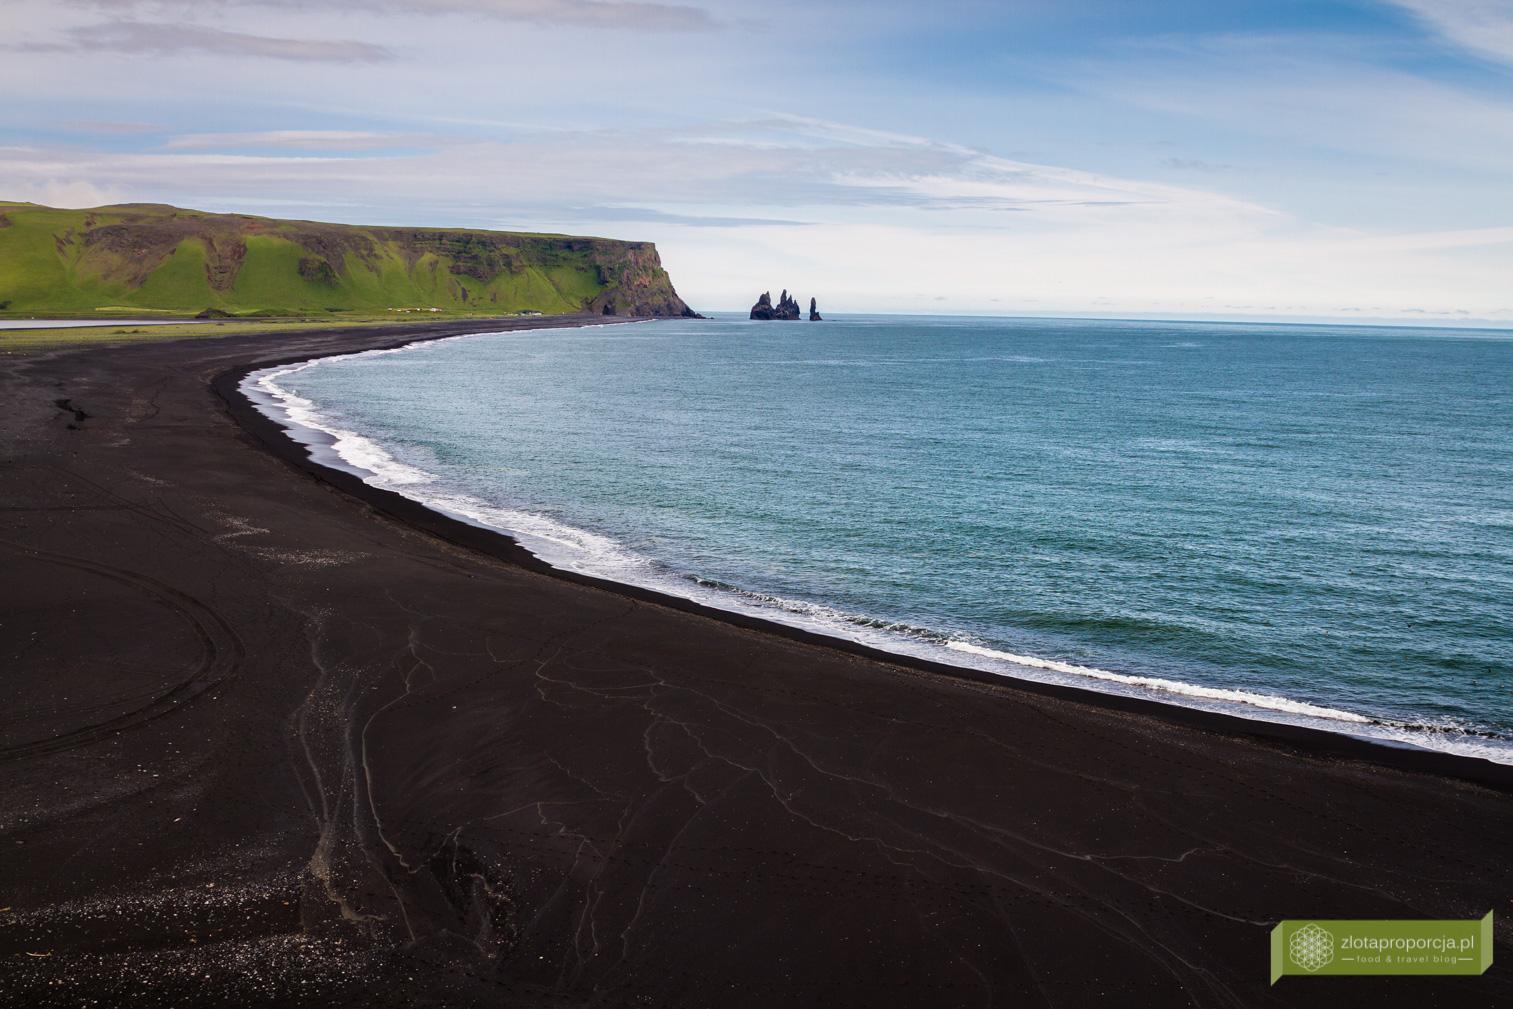 plaża Reynishverfi, czarna plaża, czarna plaża Islandia, plaże Islandii, Południowo-zachodnia Islandia, Islandia, Islandia atrakcje, Islandia ciekawe miejsca